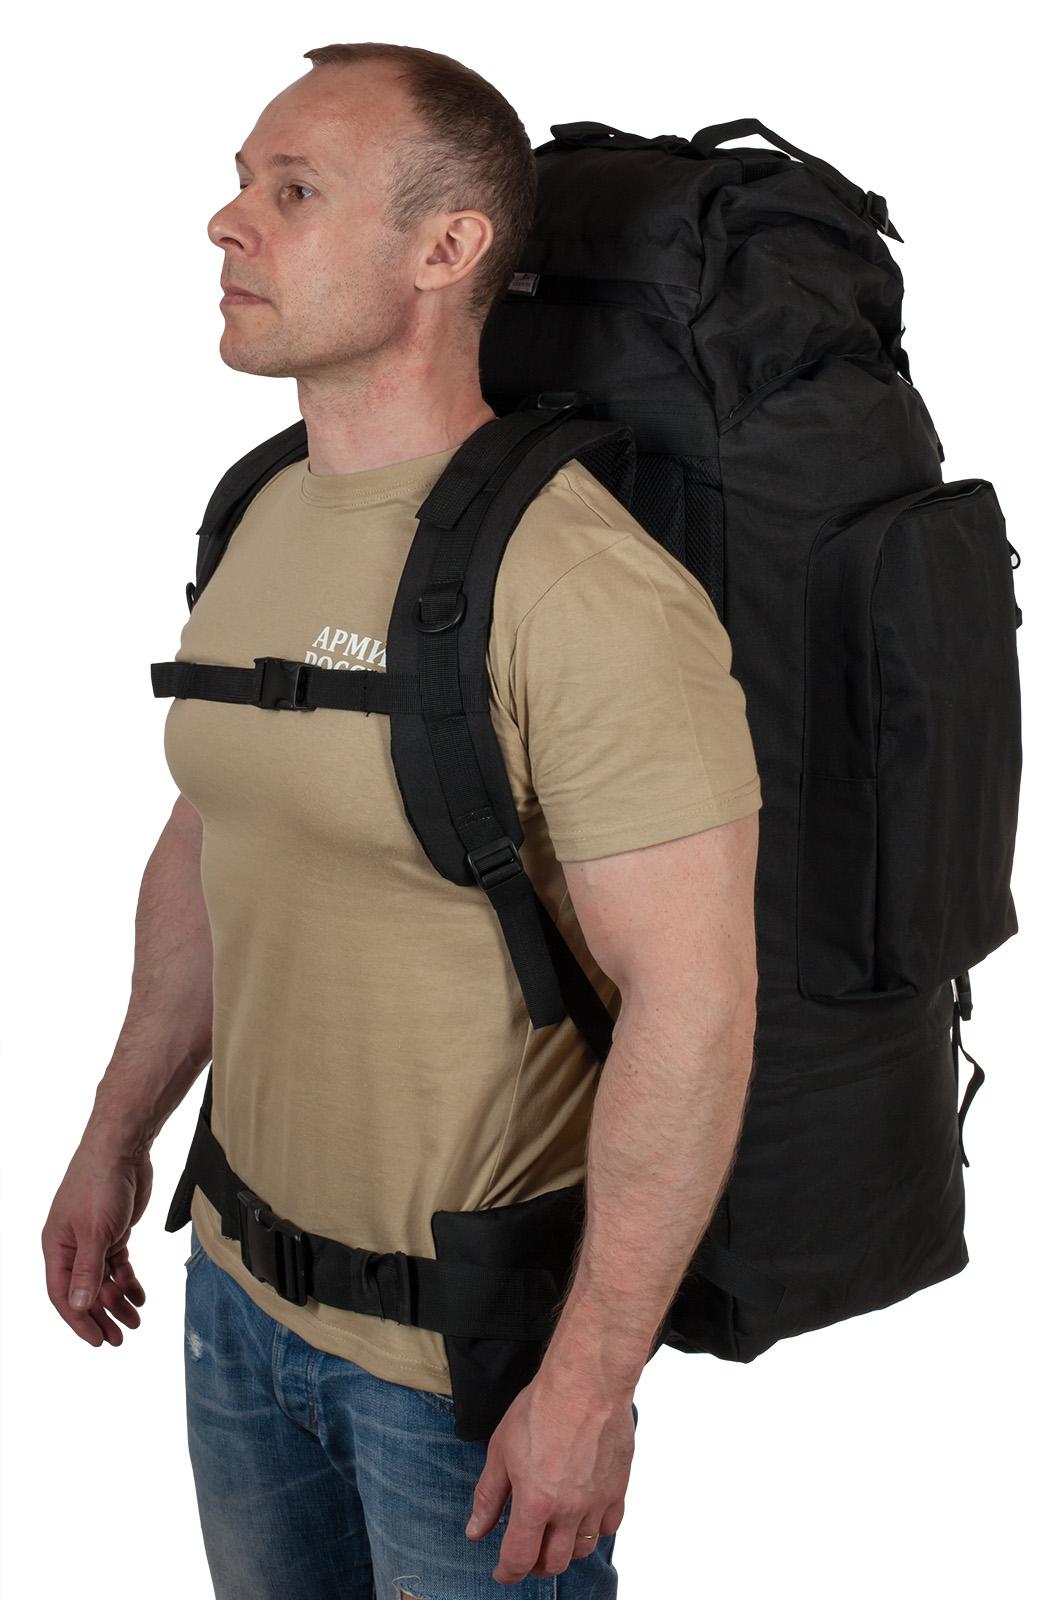 Многодневный тактический рюкзак с нашивкой Полиция России - купить выгодно